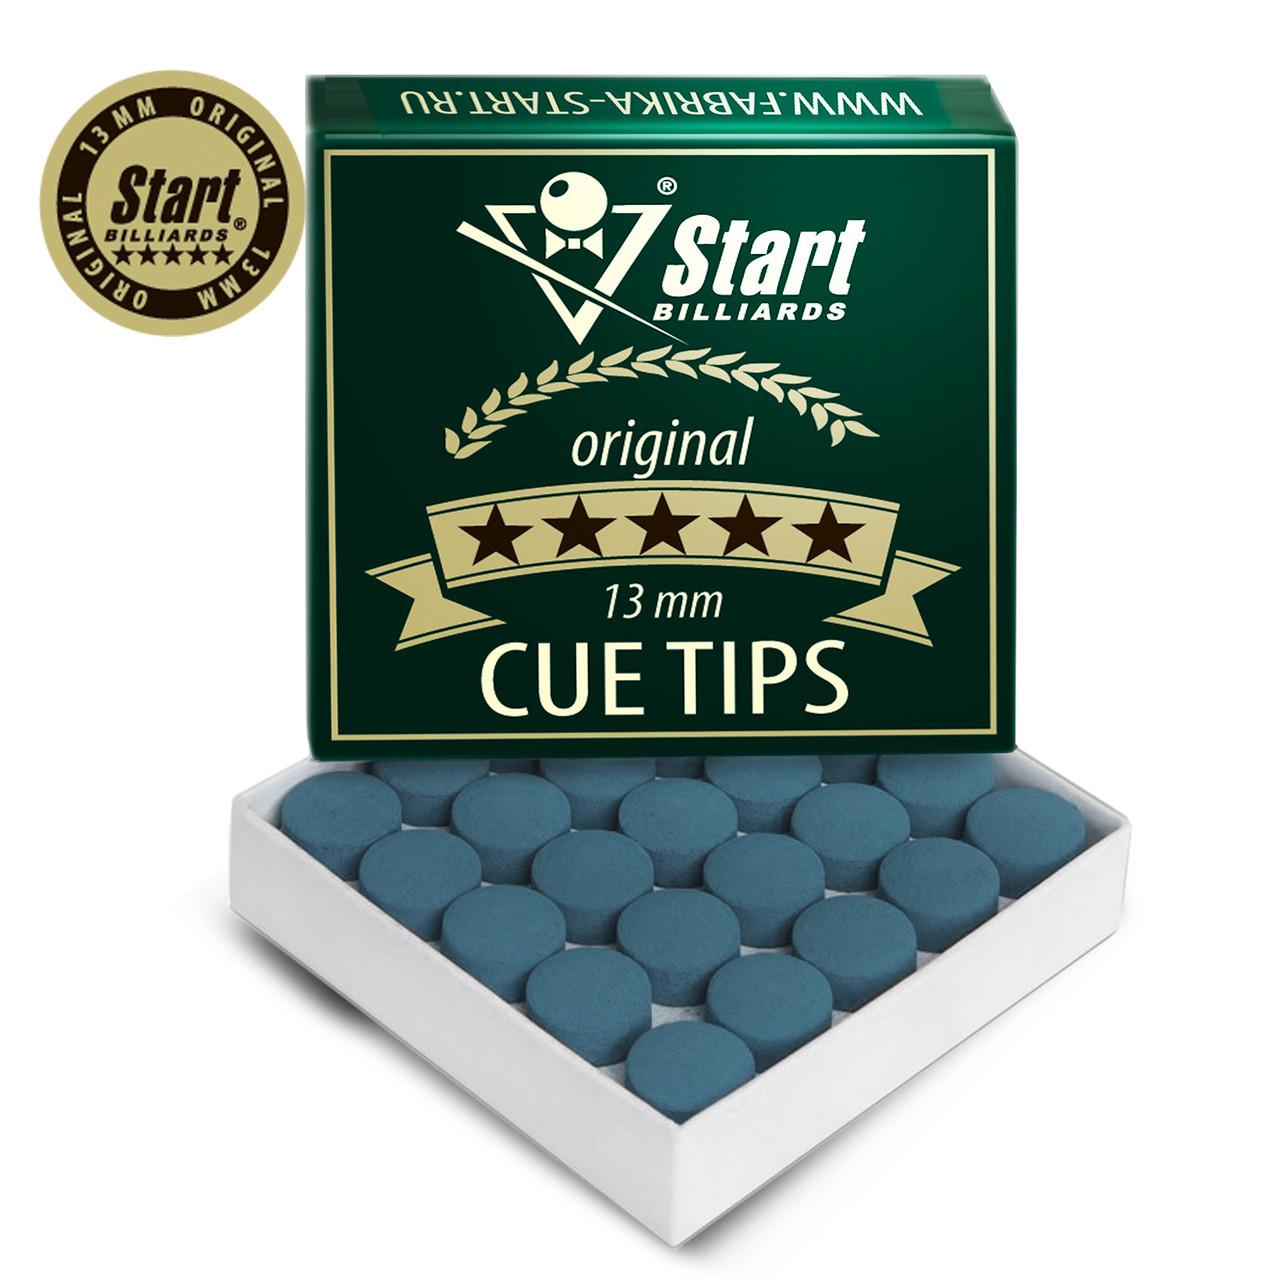 Наклейка на кий Startbilliards Cue Tips original 13 мм SB063 (Поштучно)